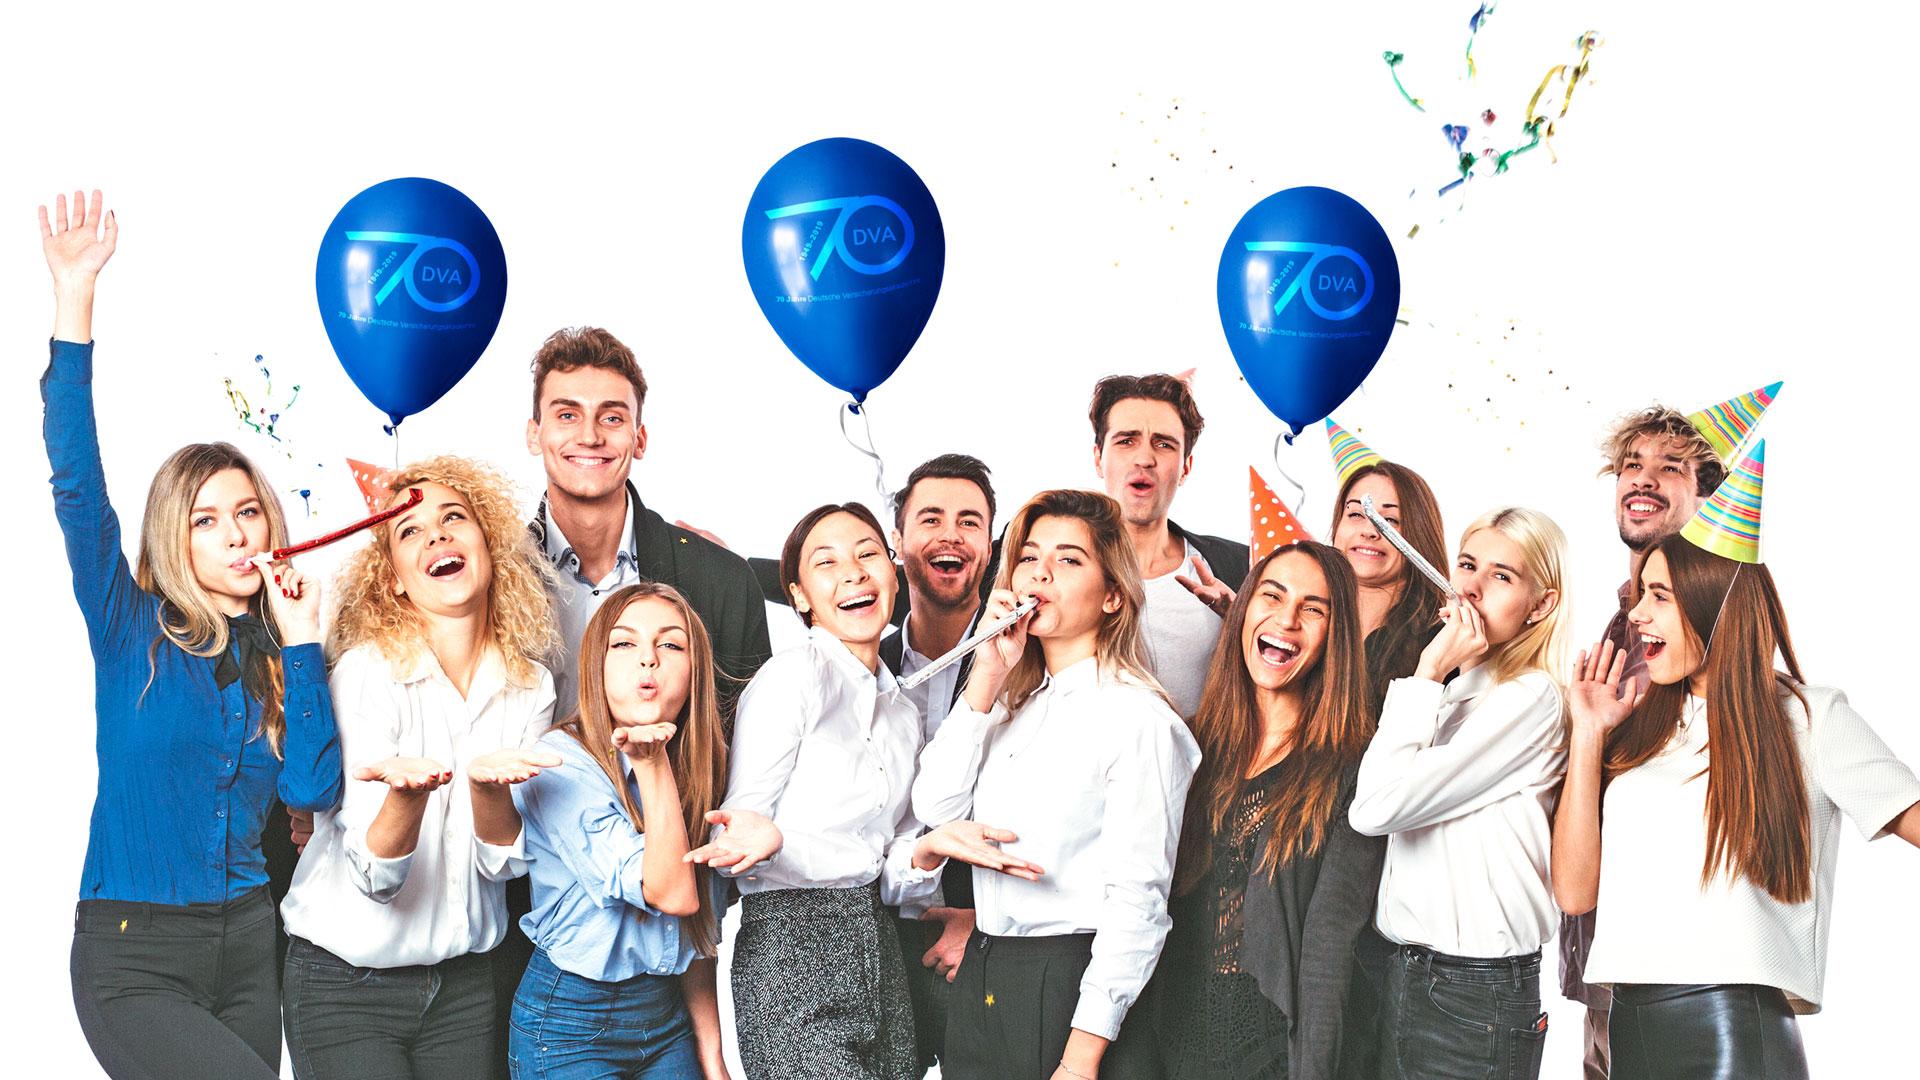 70 Jahre Deutsche Versicherungsakademie (DVA) - Feiern Sie mit uns!